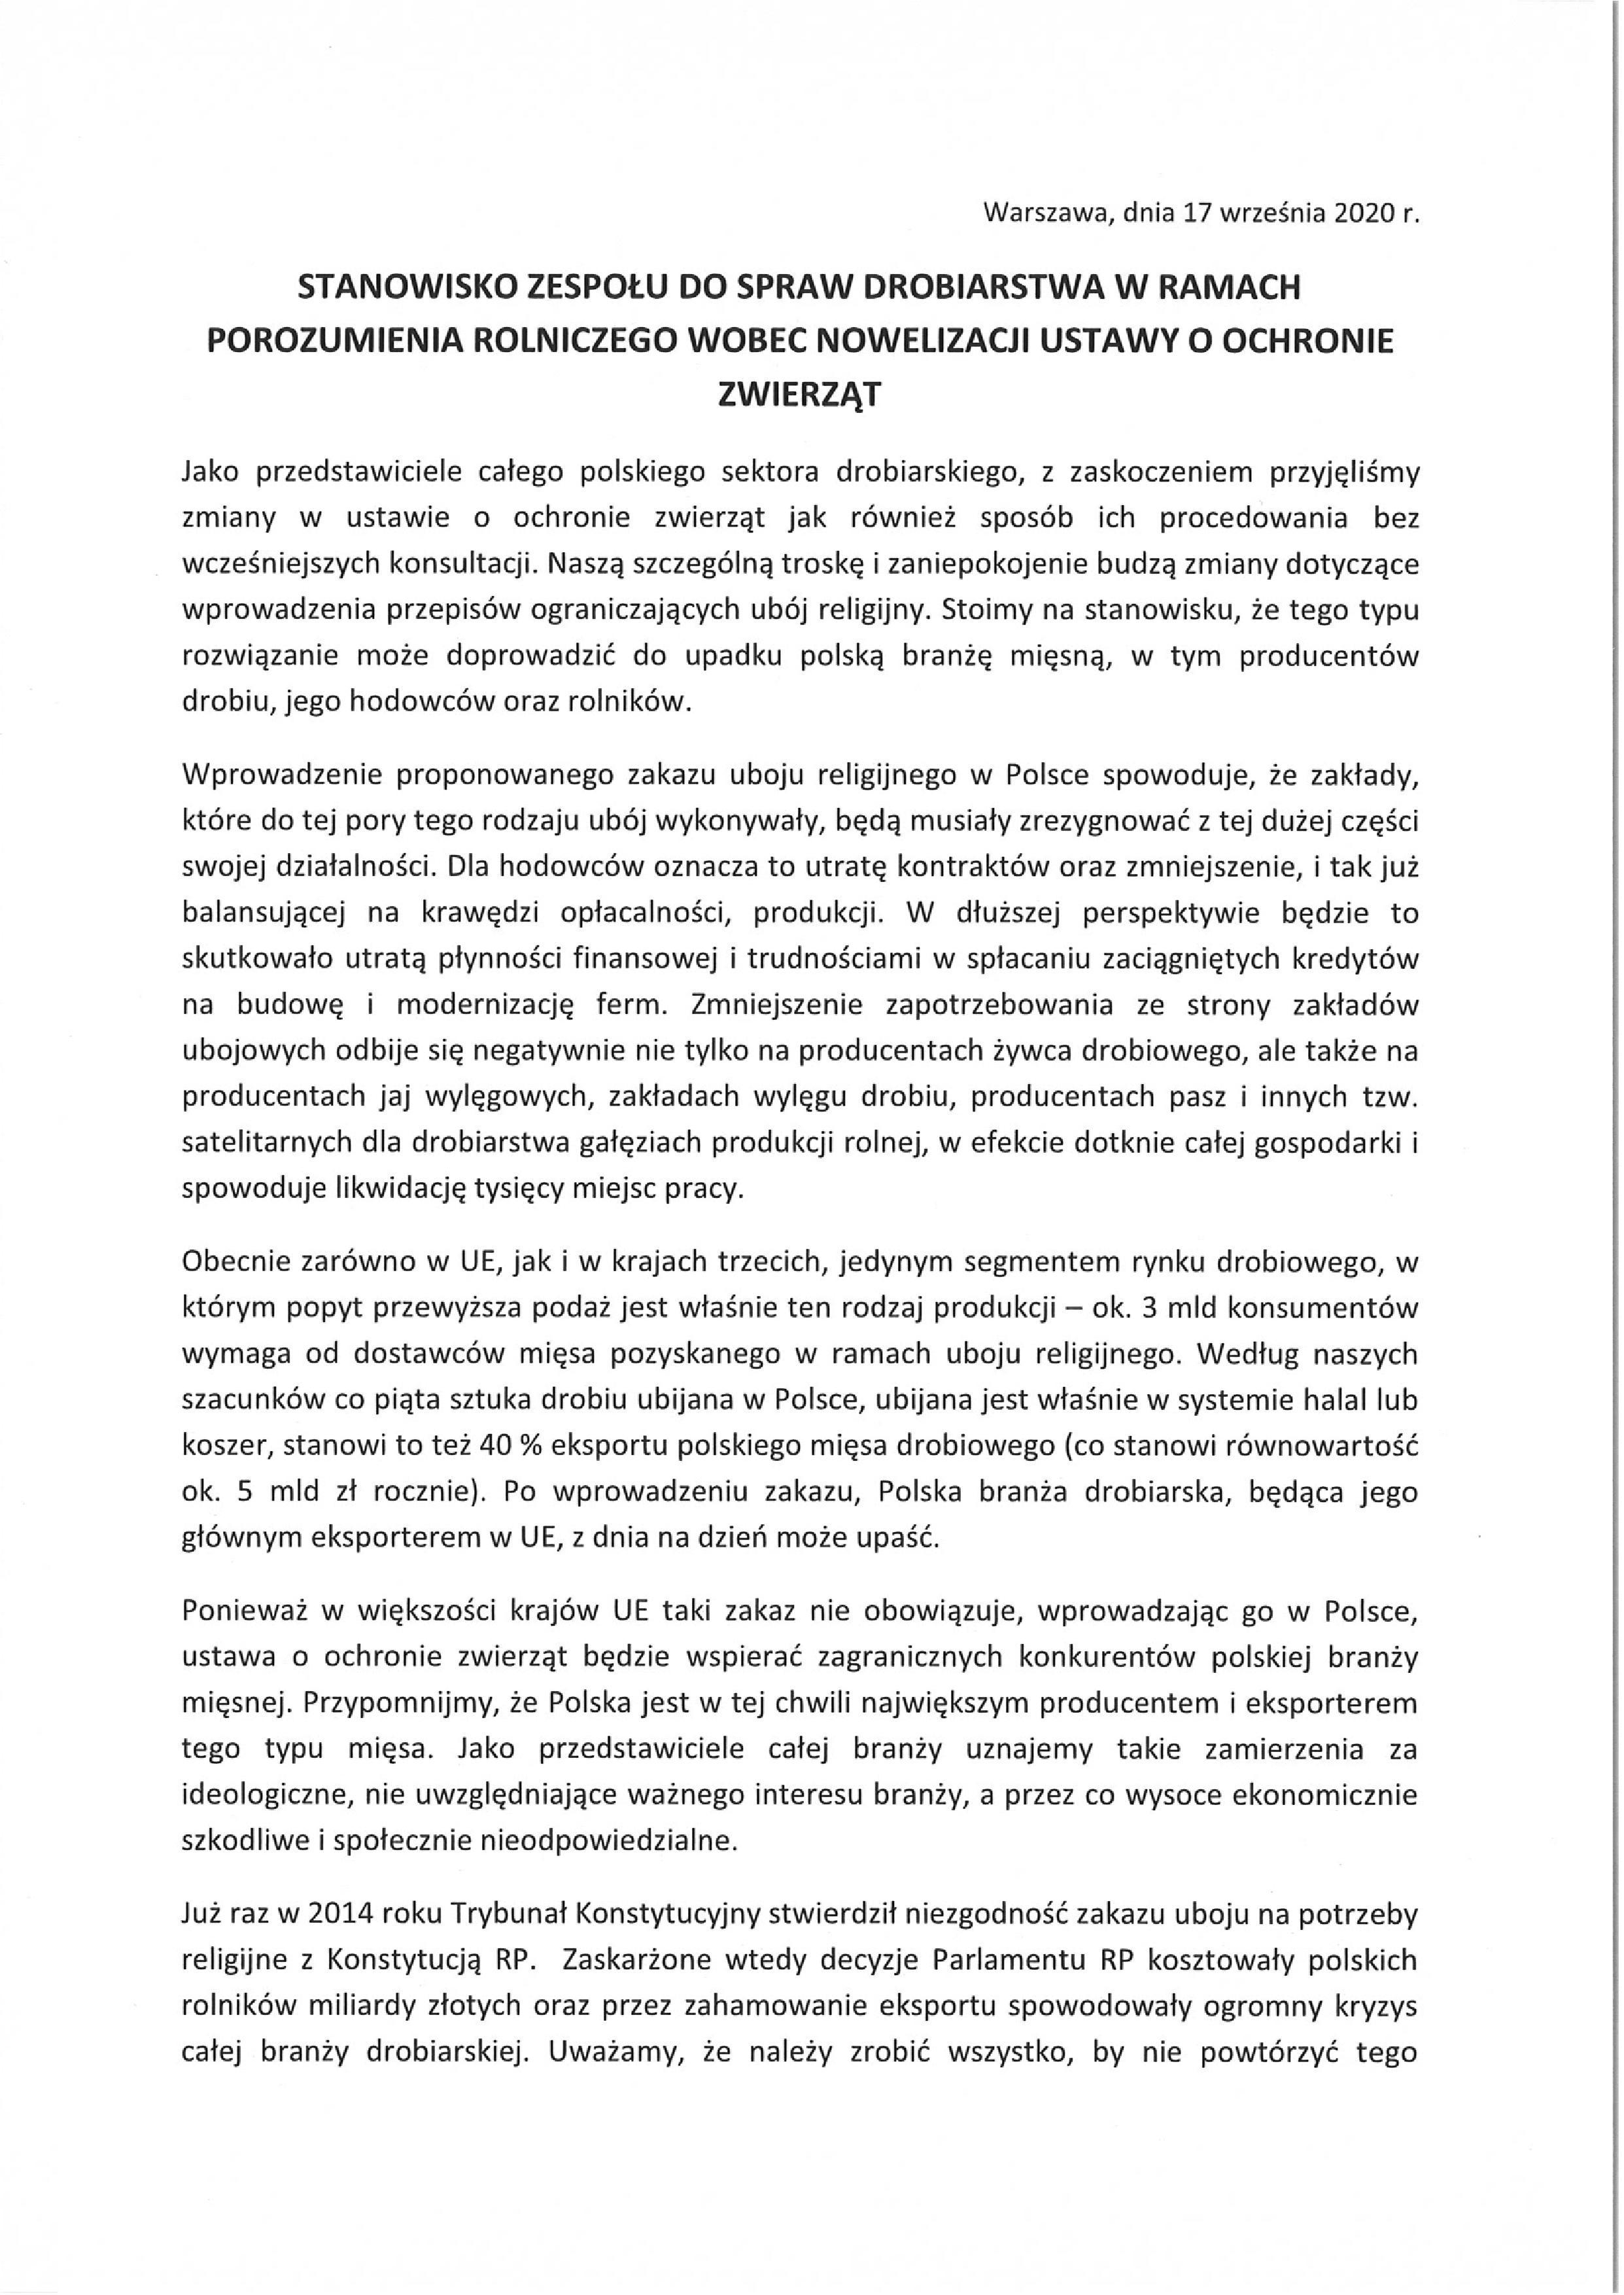 """""""Piątka dla zwierzą"""":Stanowisko Producentów Drobiu"""